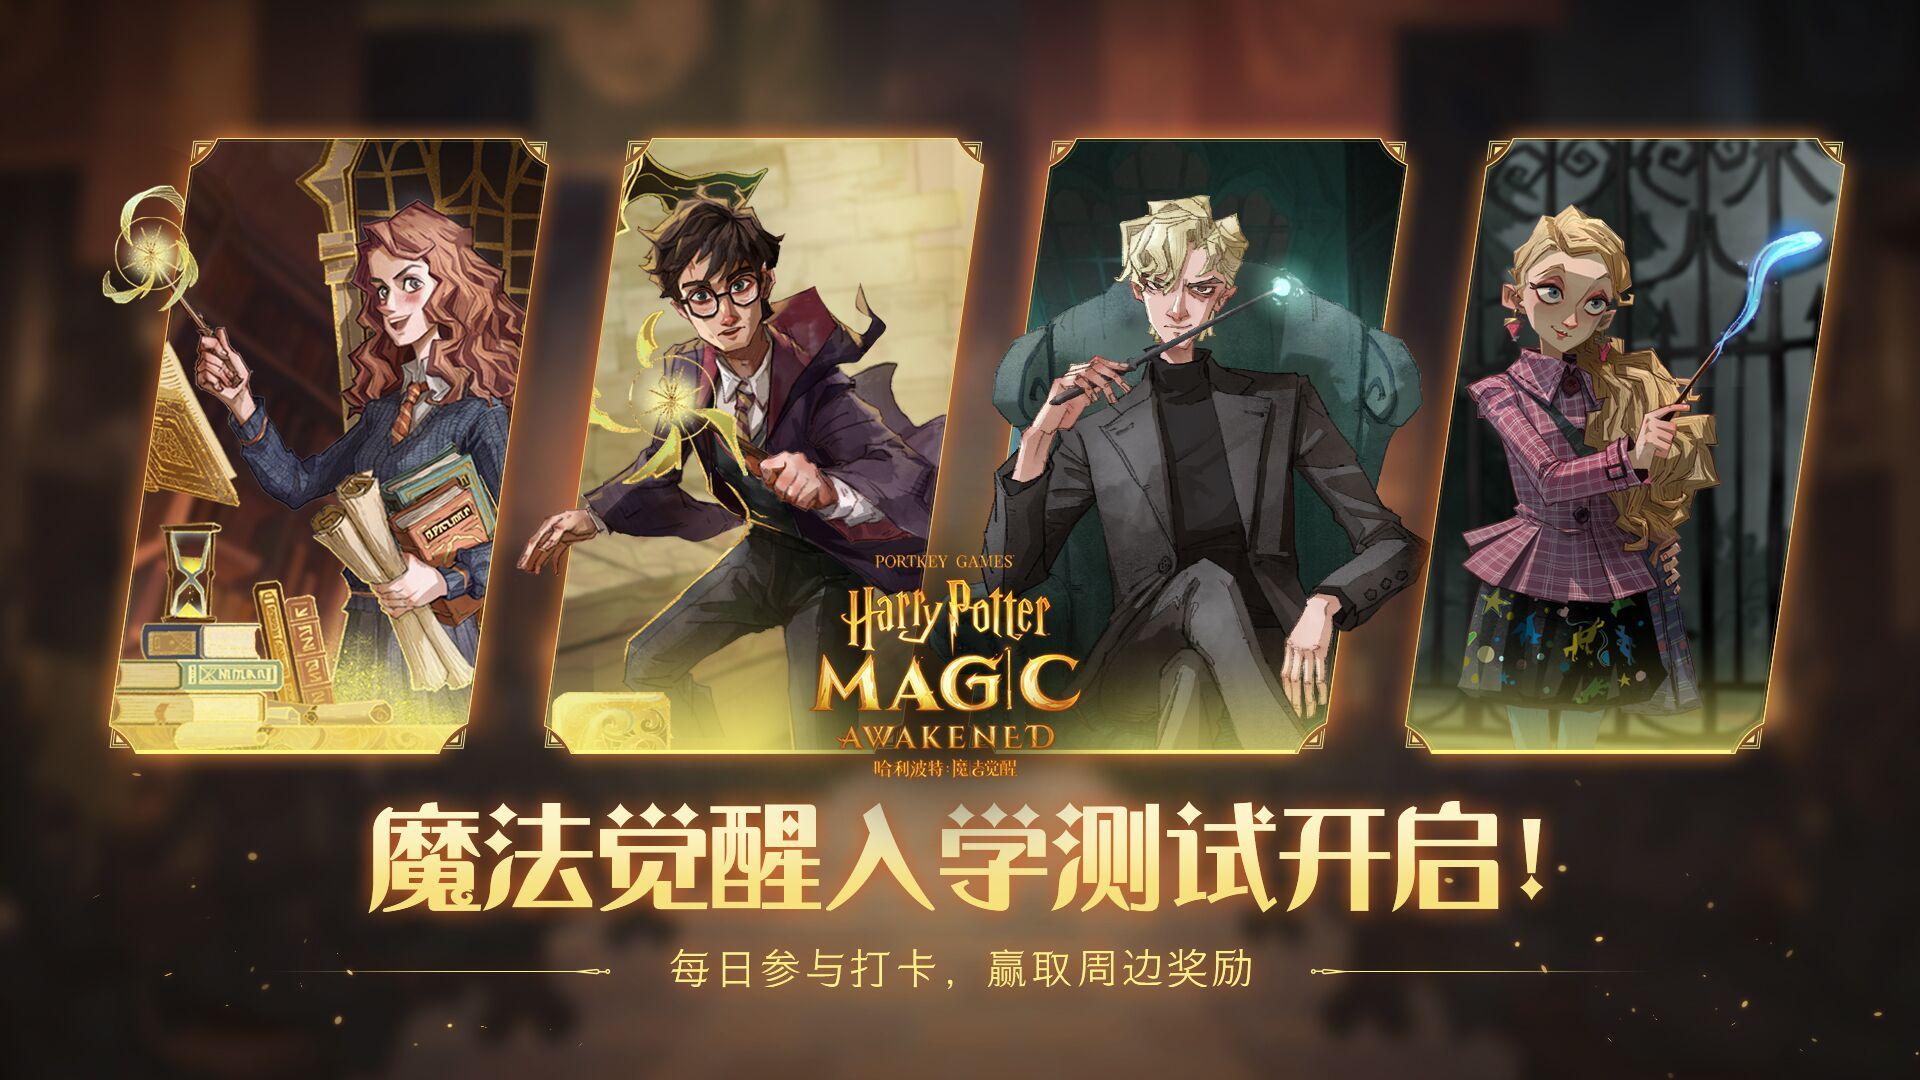 【有奖互动】(每日更新)魔法觉醒入学测试开启!参与打卡...